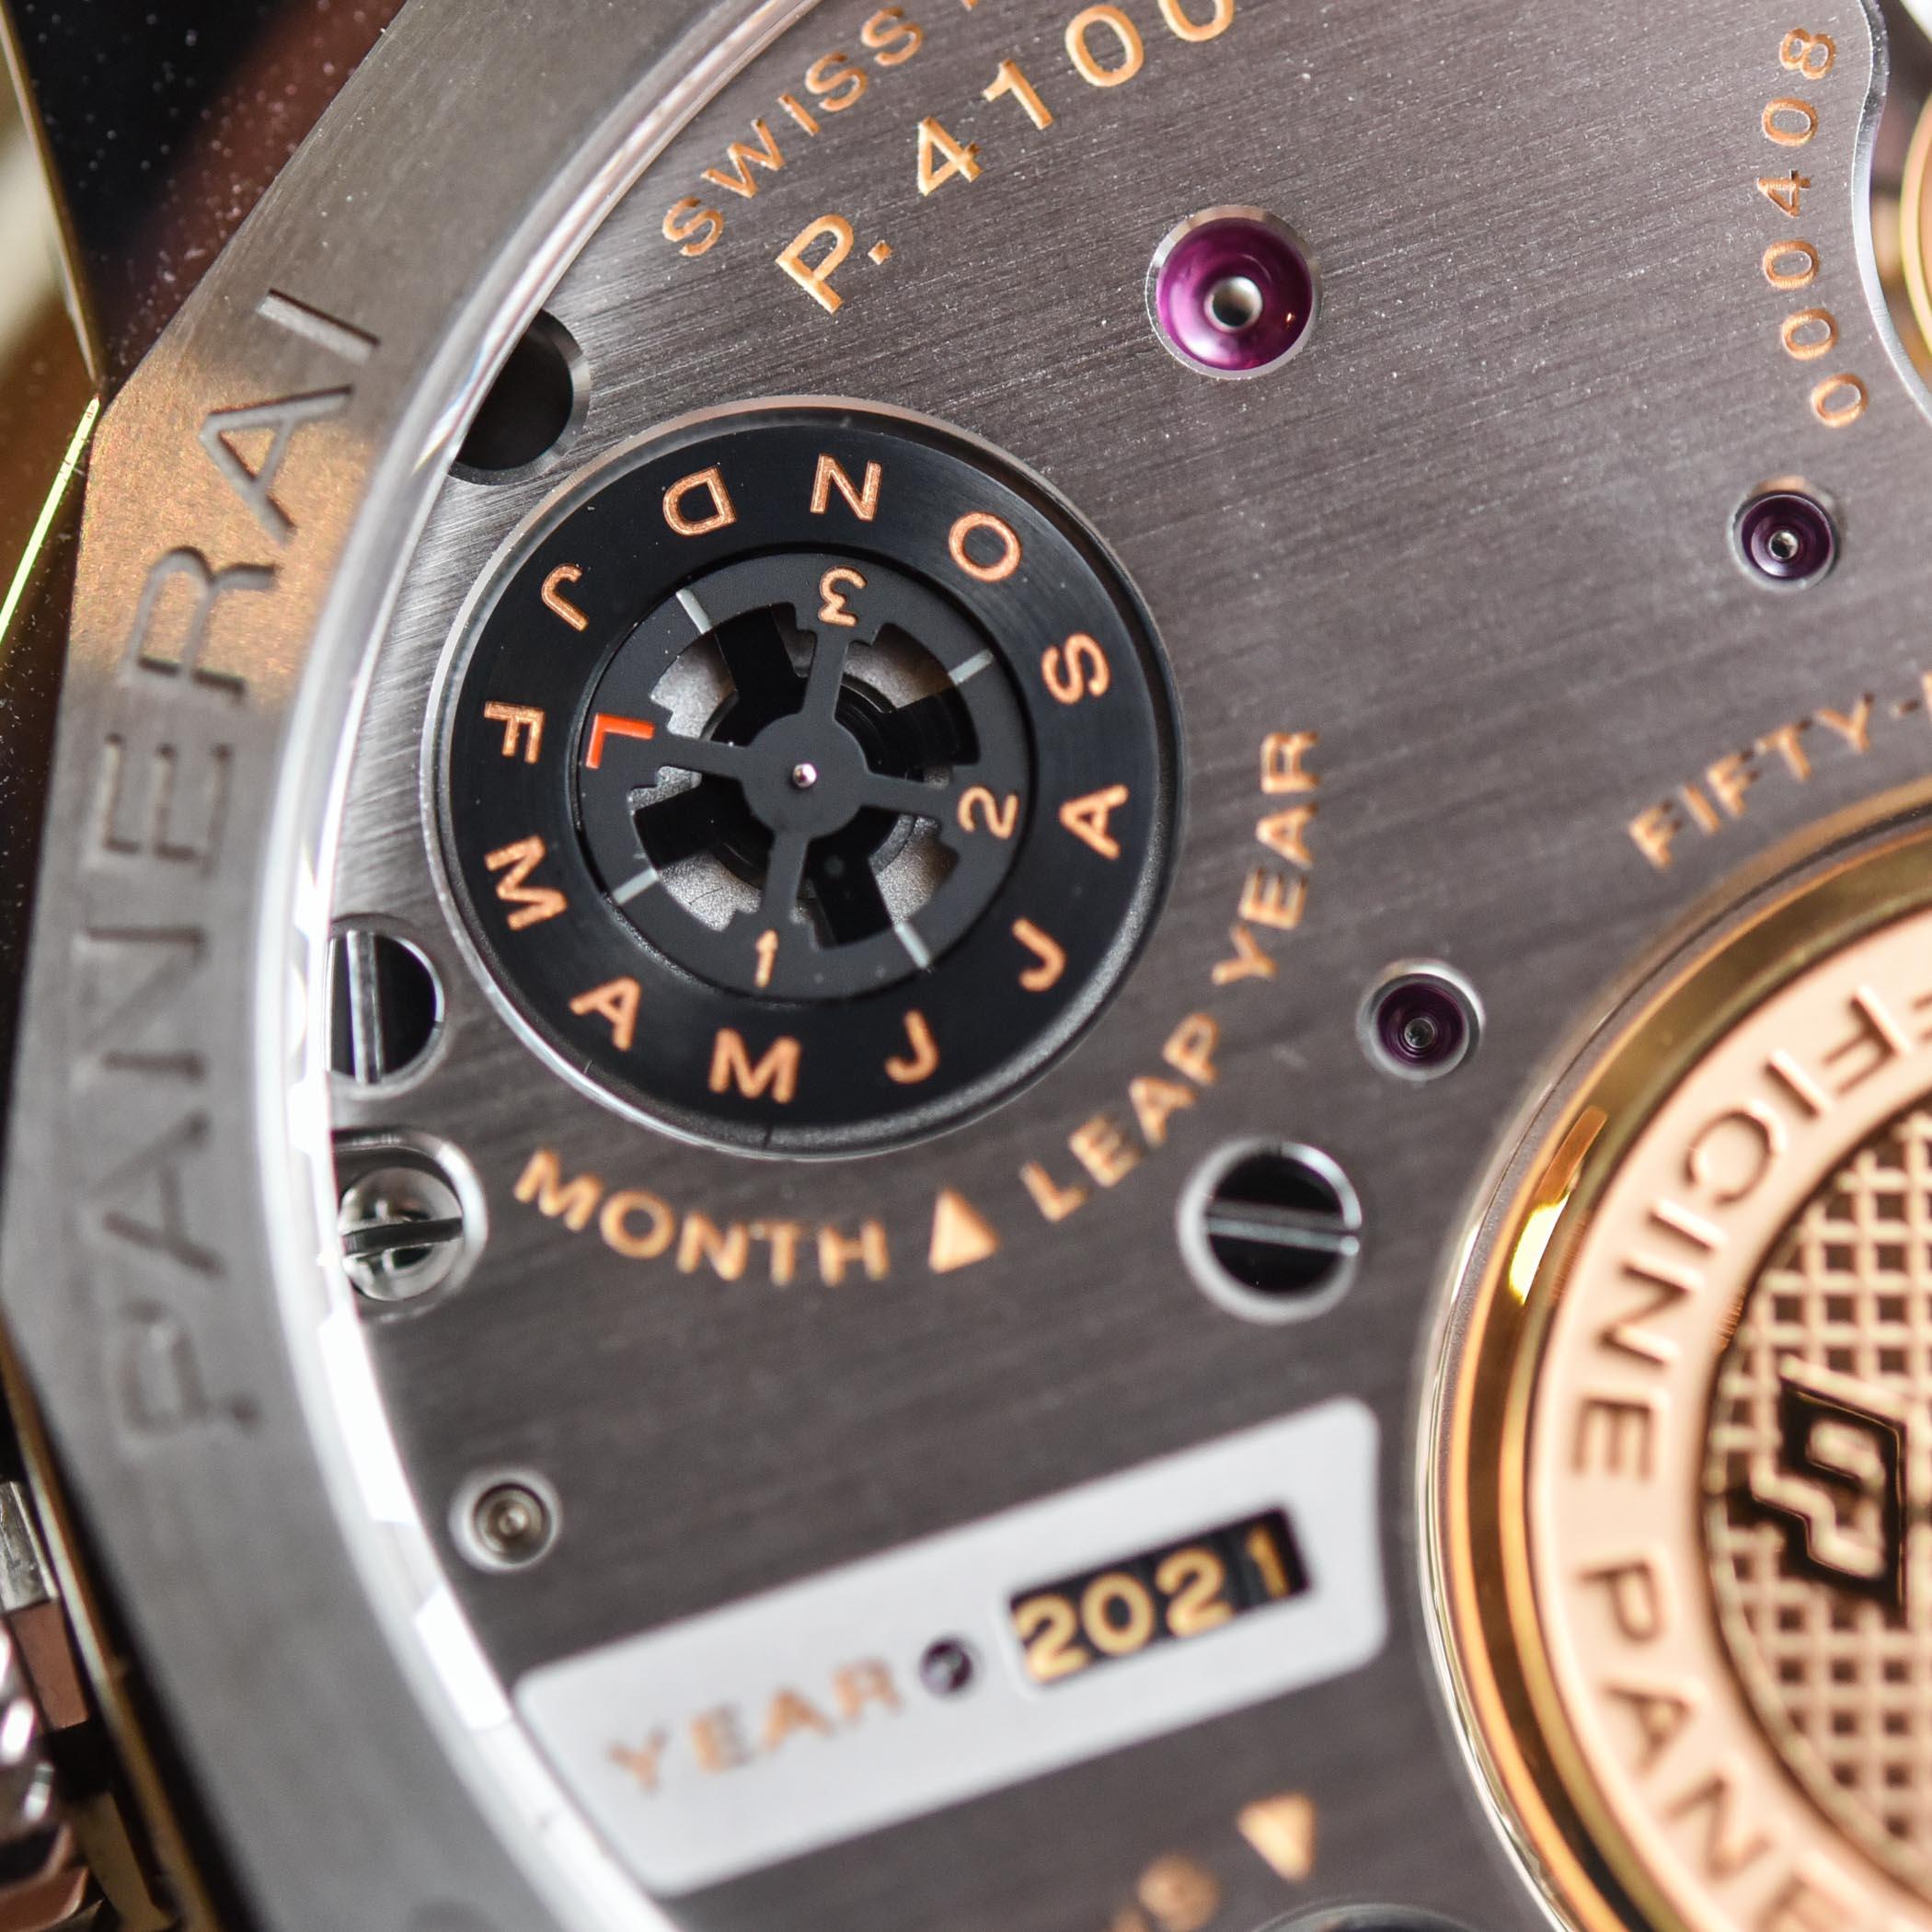 Panerai Luminor Perpetual Calendar Platinumtech PAM00715